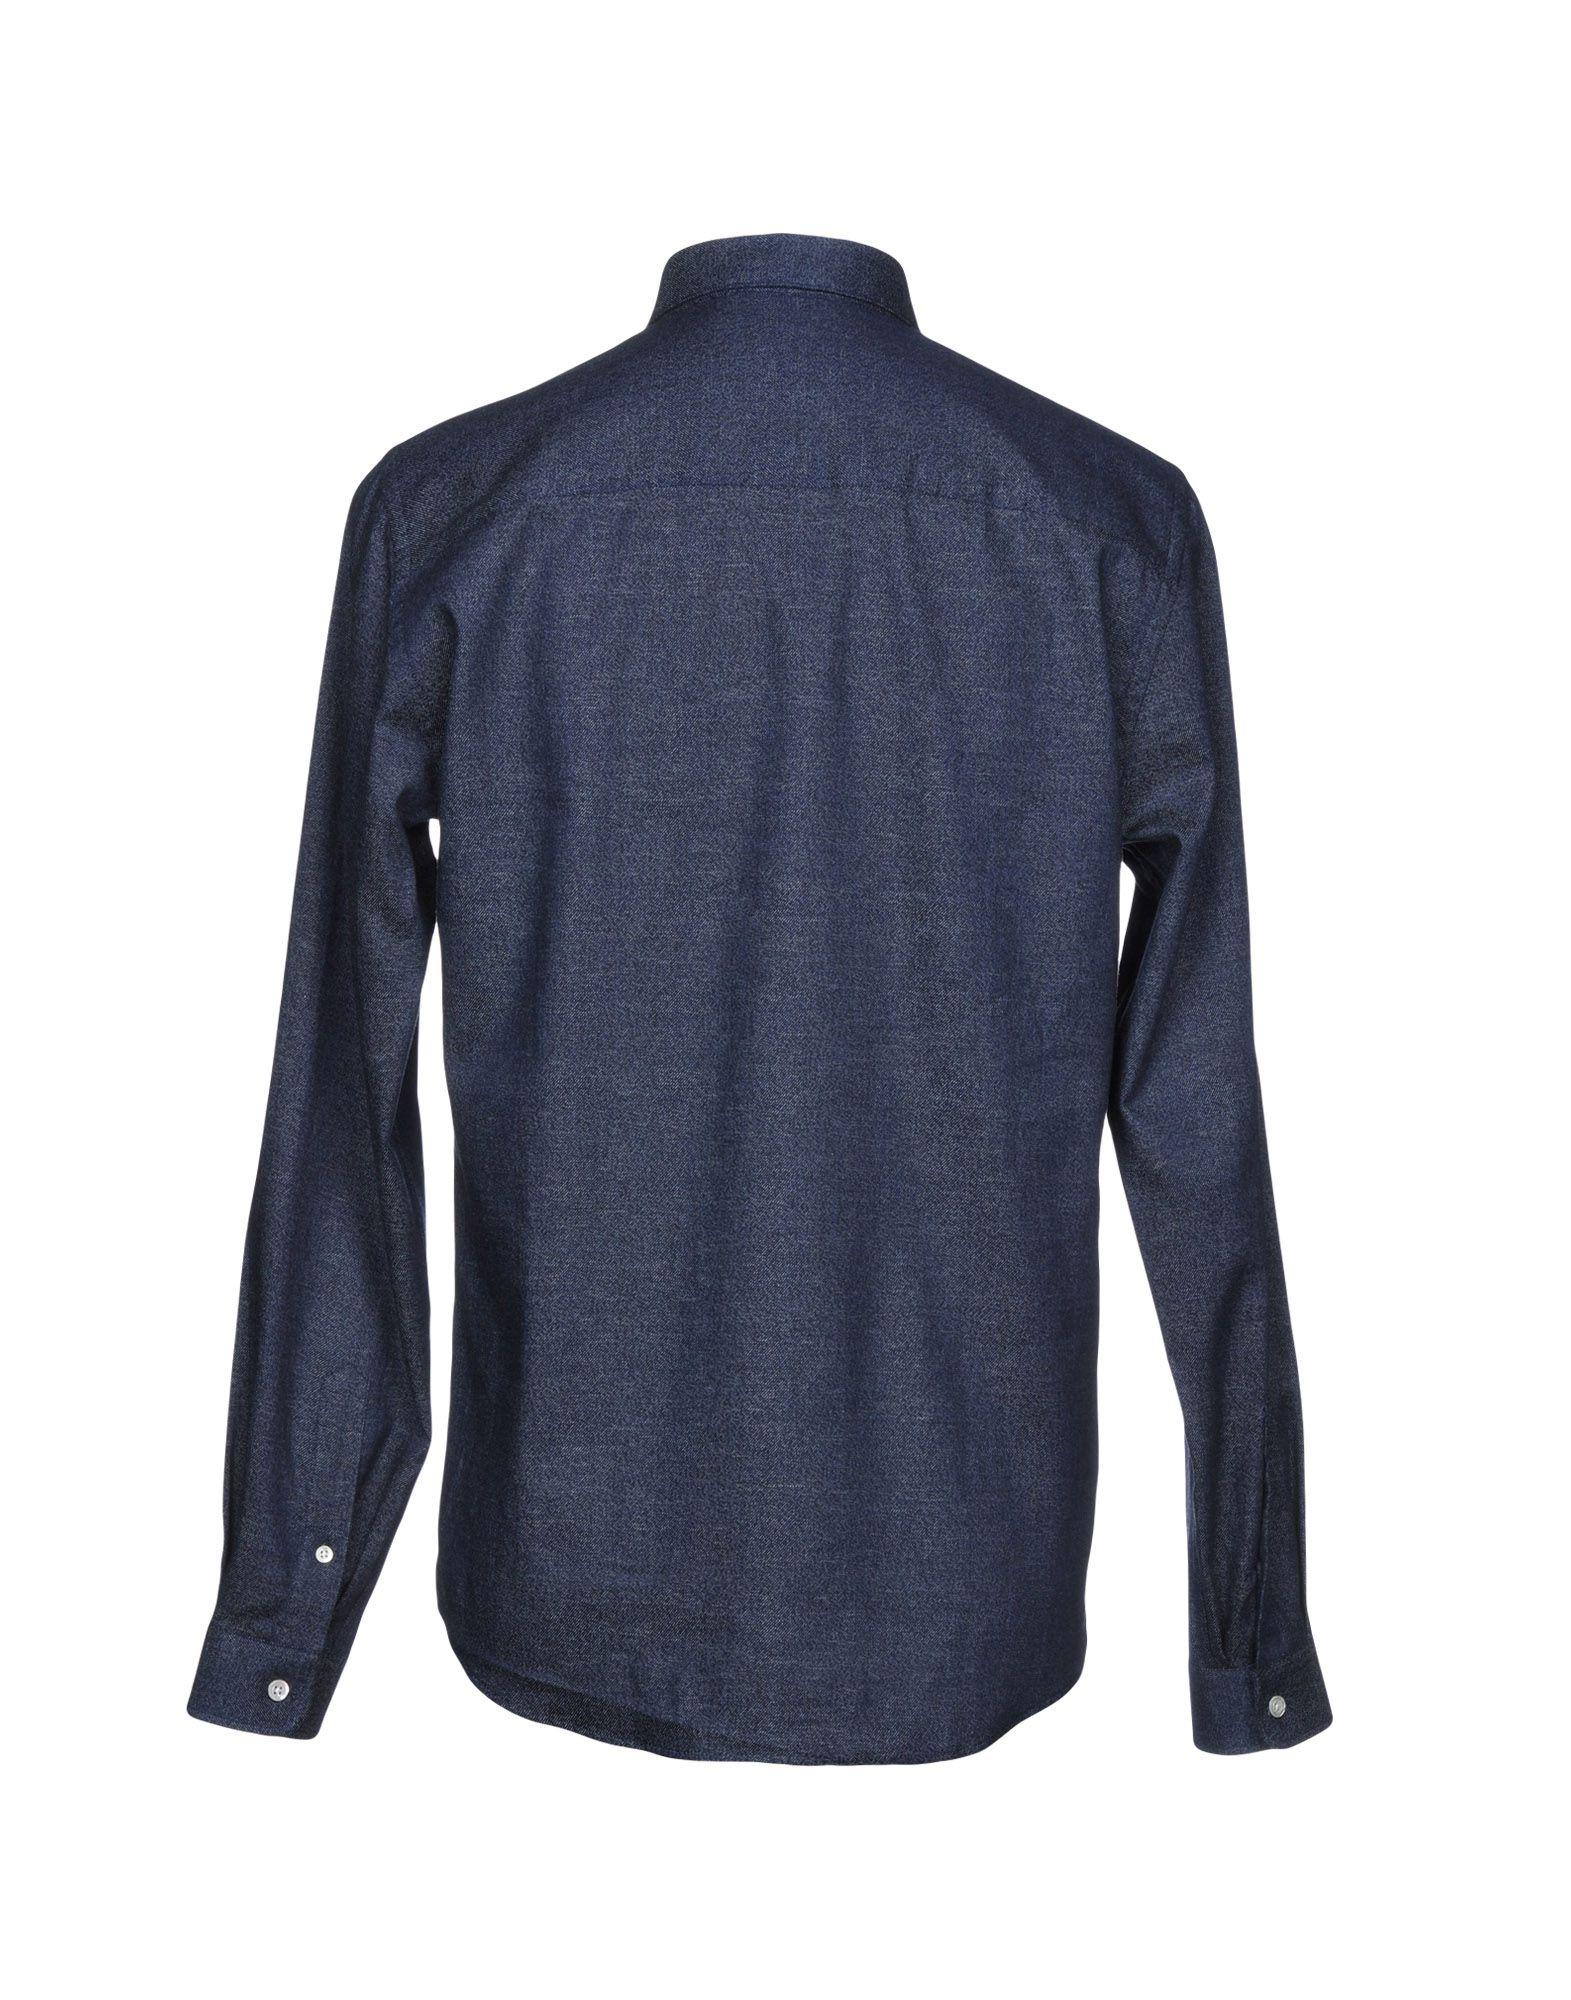 Camicia Camicia Camicia Jeans Ami Alexandre Mattiussi Uomo - 42669514NR 021828